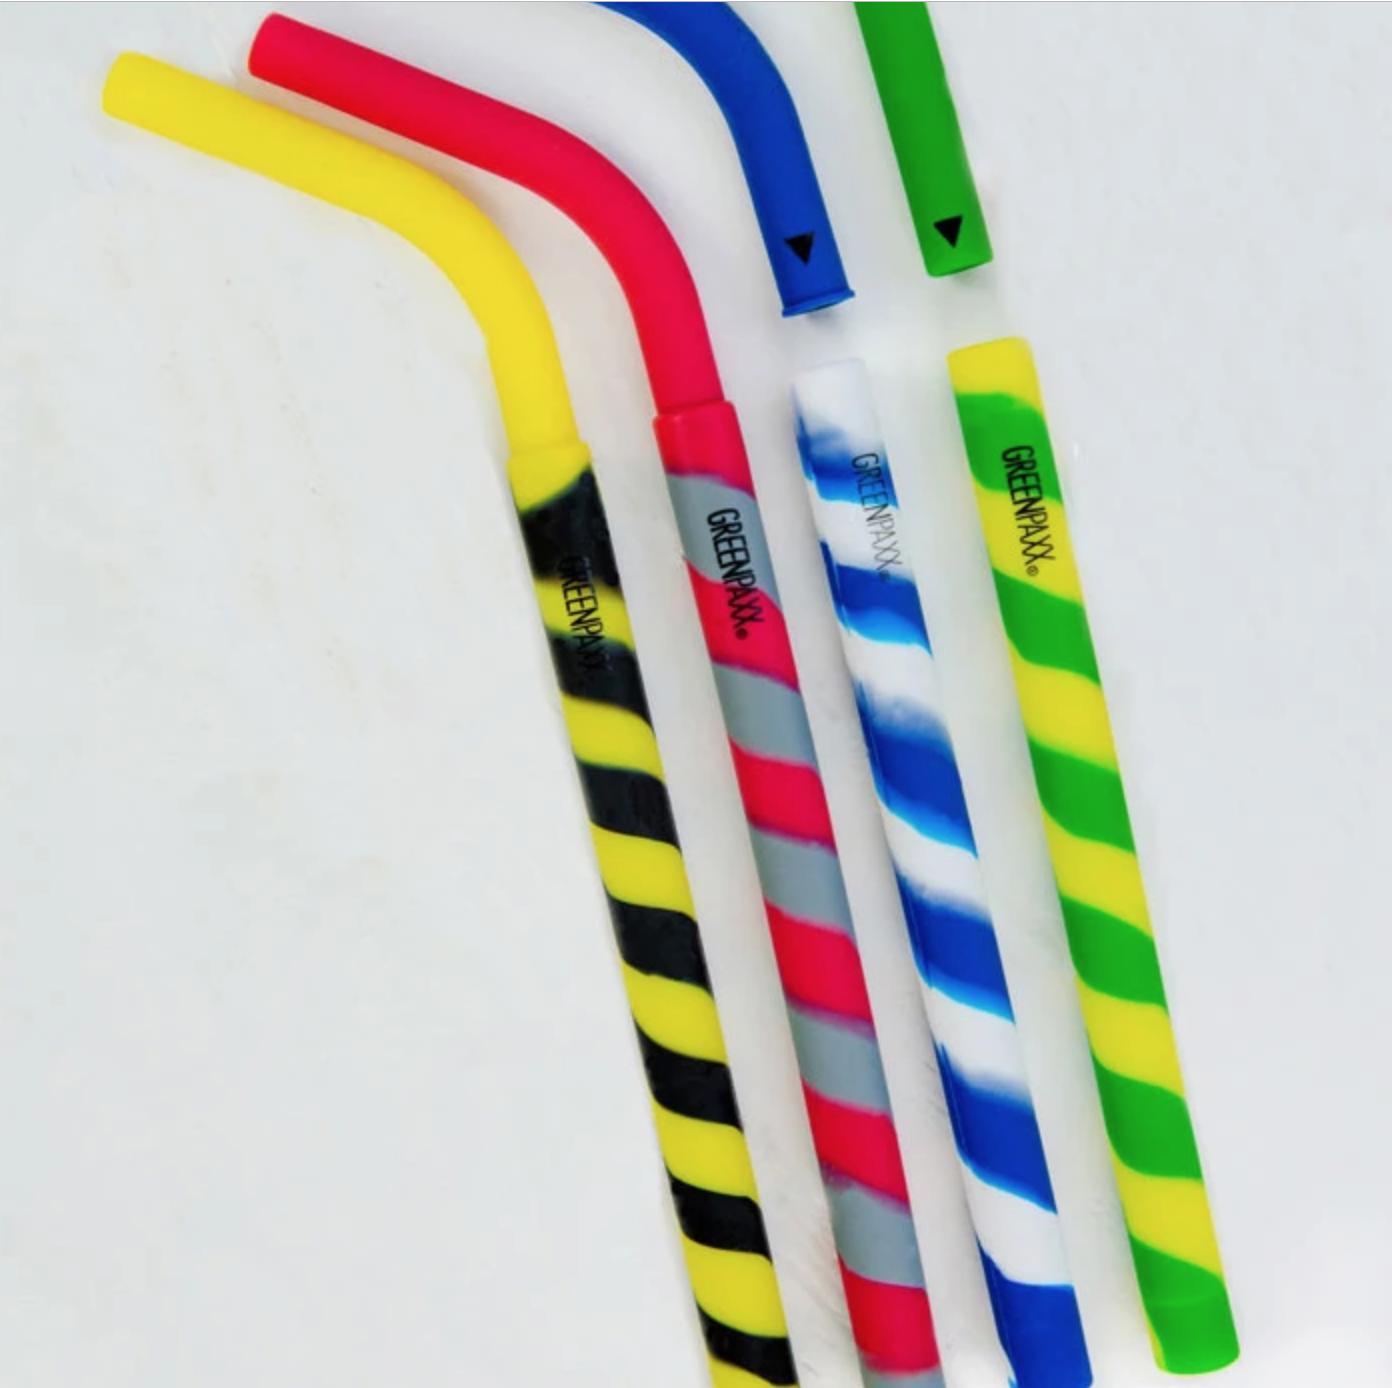 100 Pcs Pailles Jetables pour Boire F/êtes Enfants Adulte Boisson Fra/îche D/ét/é F/ête Flexibles en Color/ées P/àill/ës Couleur, 100pcs Mat/ériel de S/écurit/é